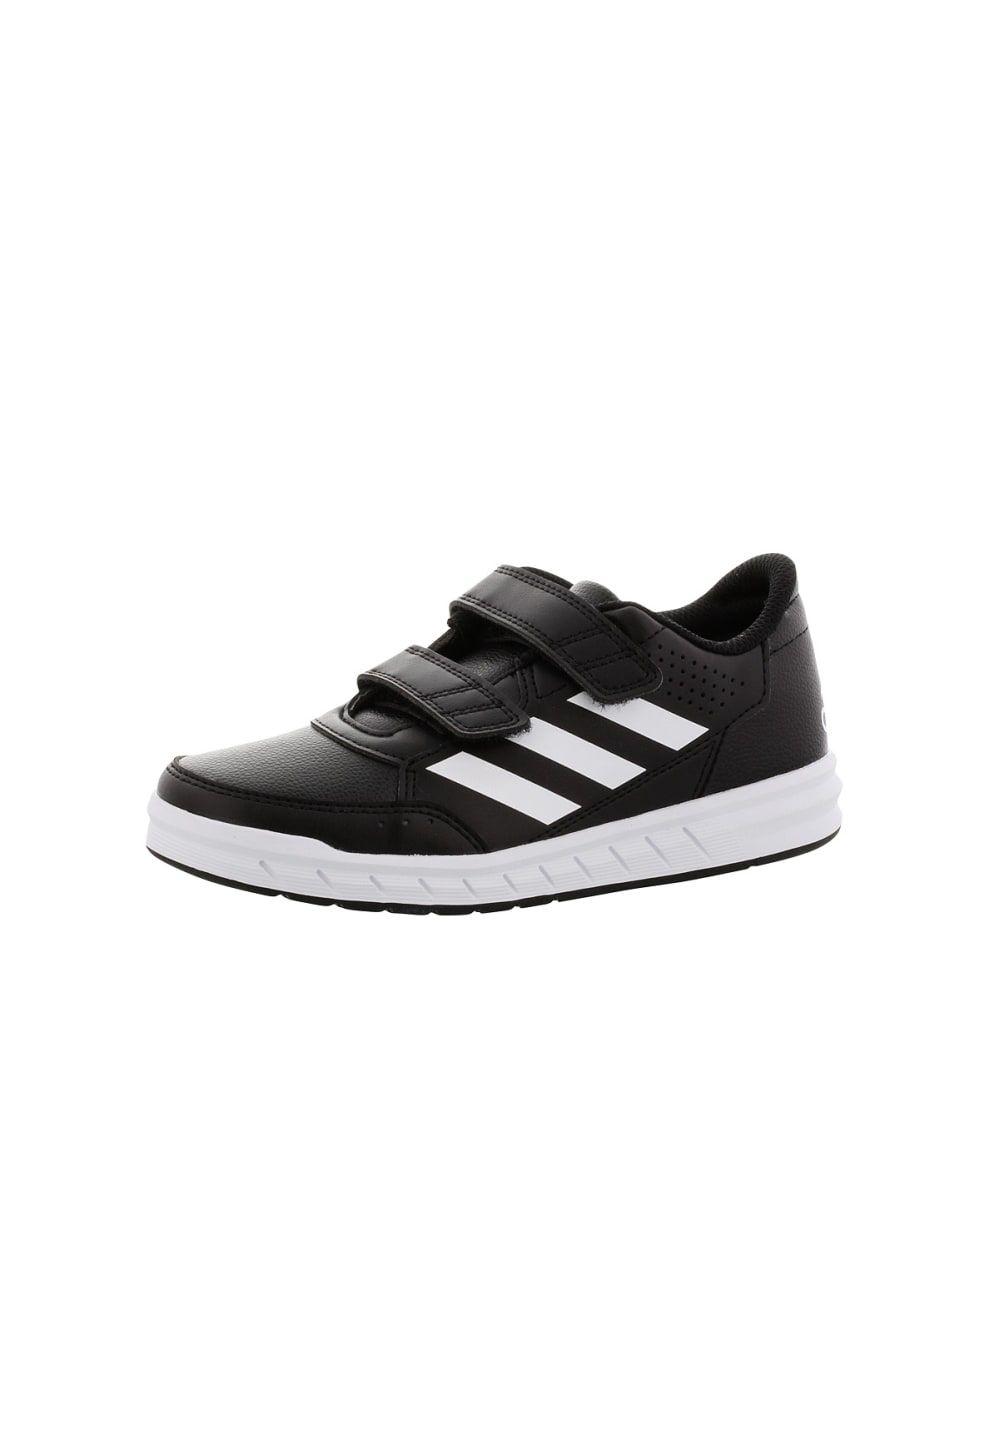 on sale d224c eb32b adidas Altasport Cf K - Chaussures fitness pour Enfant Unisexe - Noir